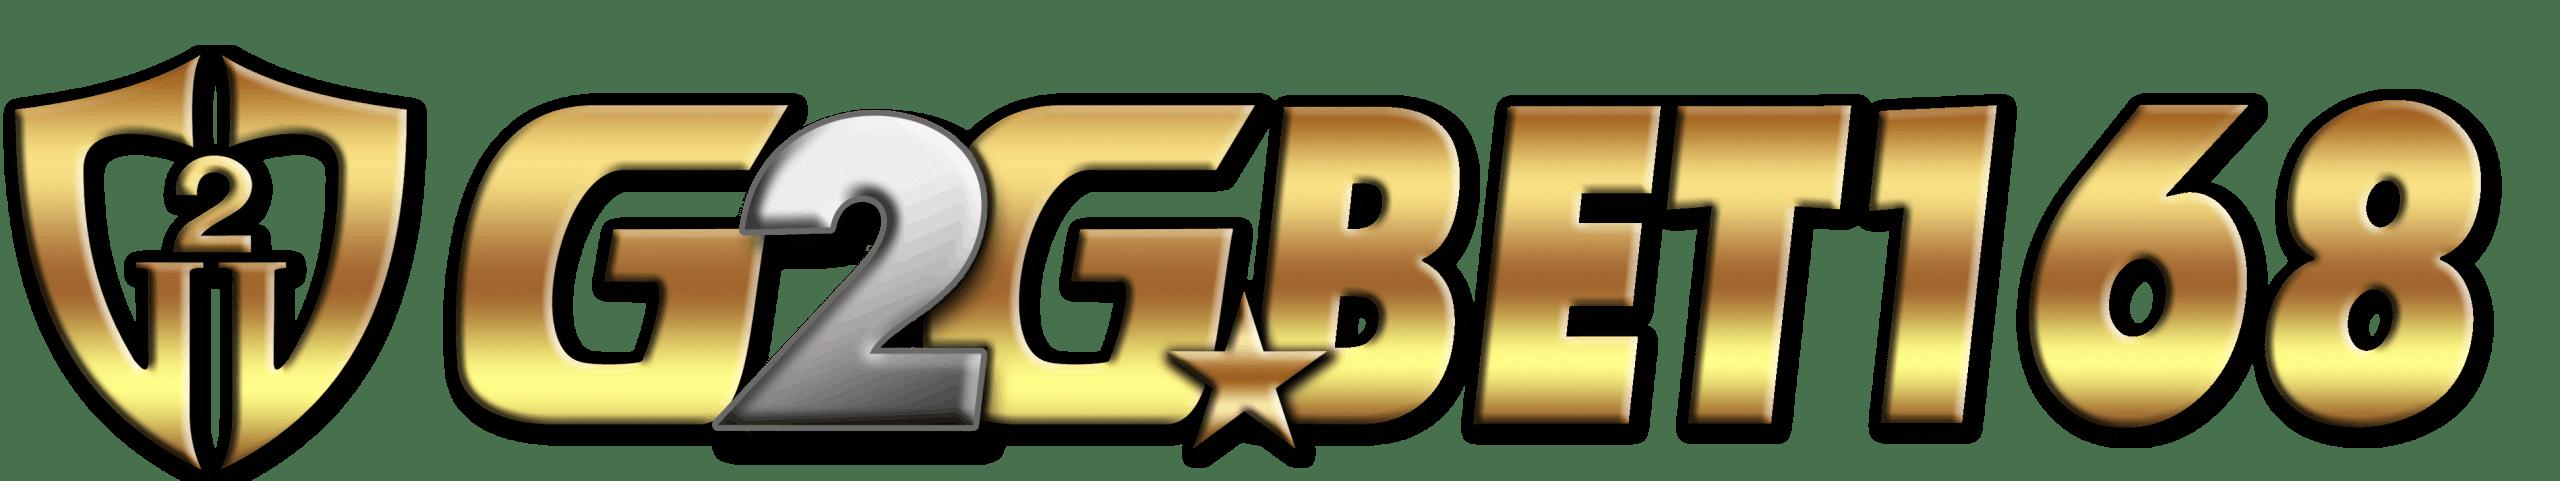 G2GBET168 เว็บสล็อตออนไลน์